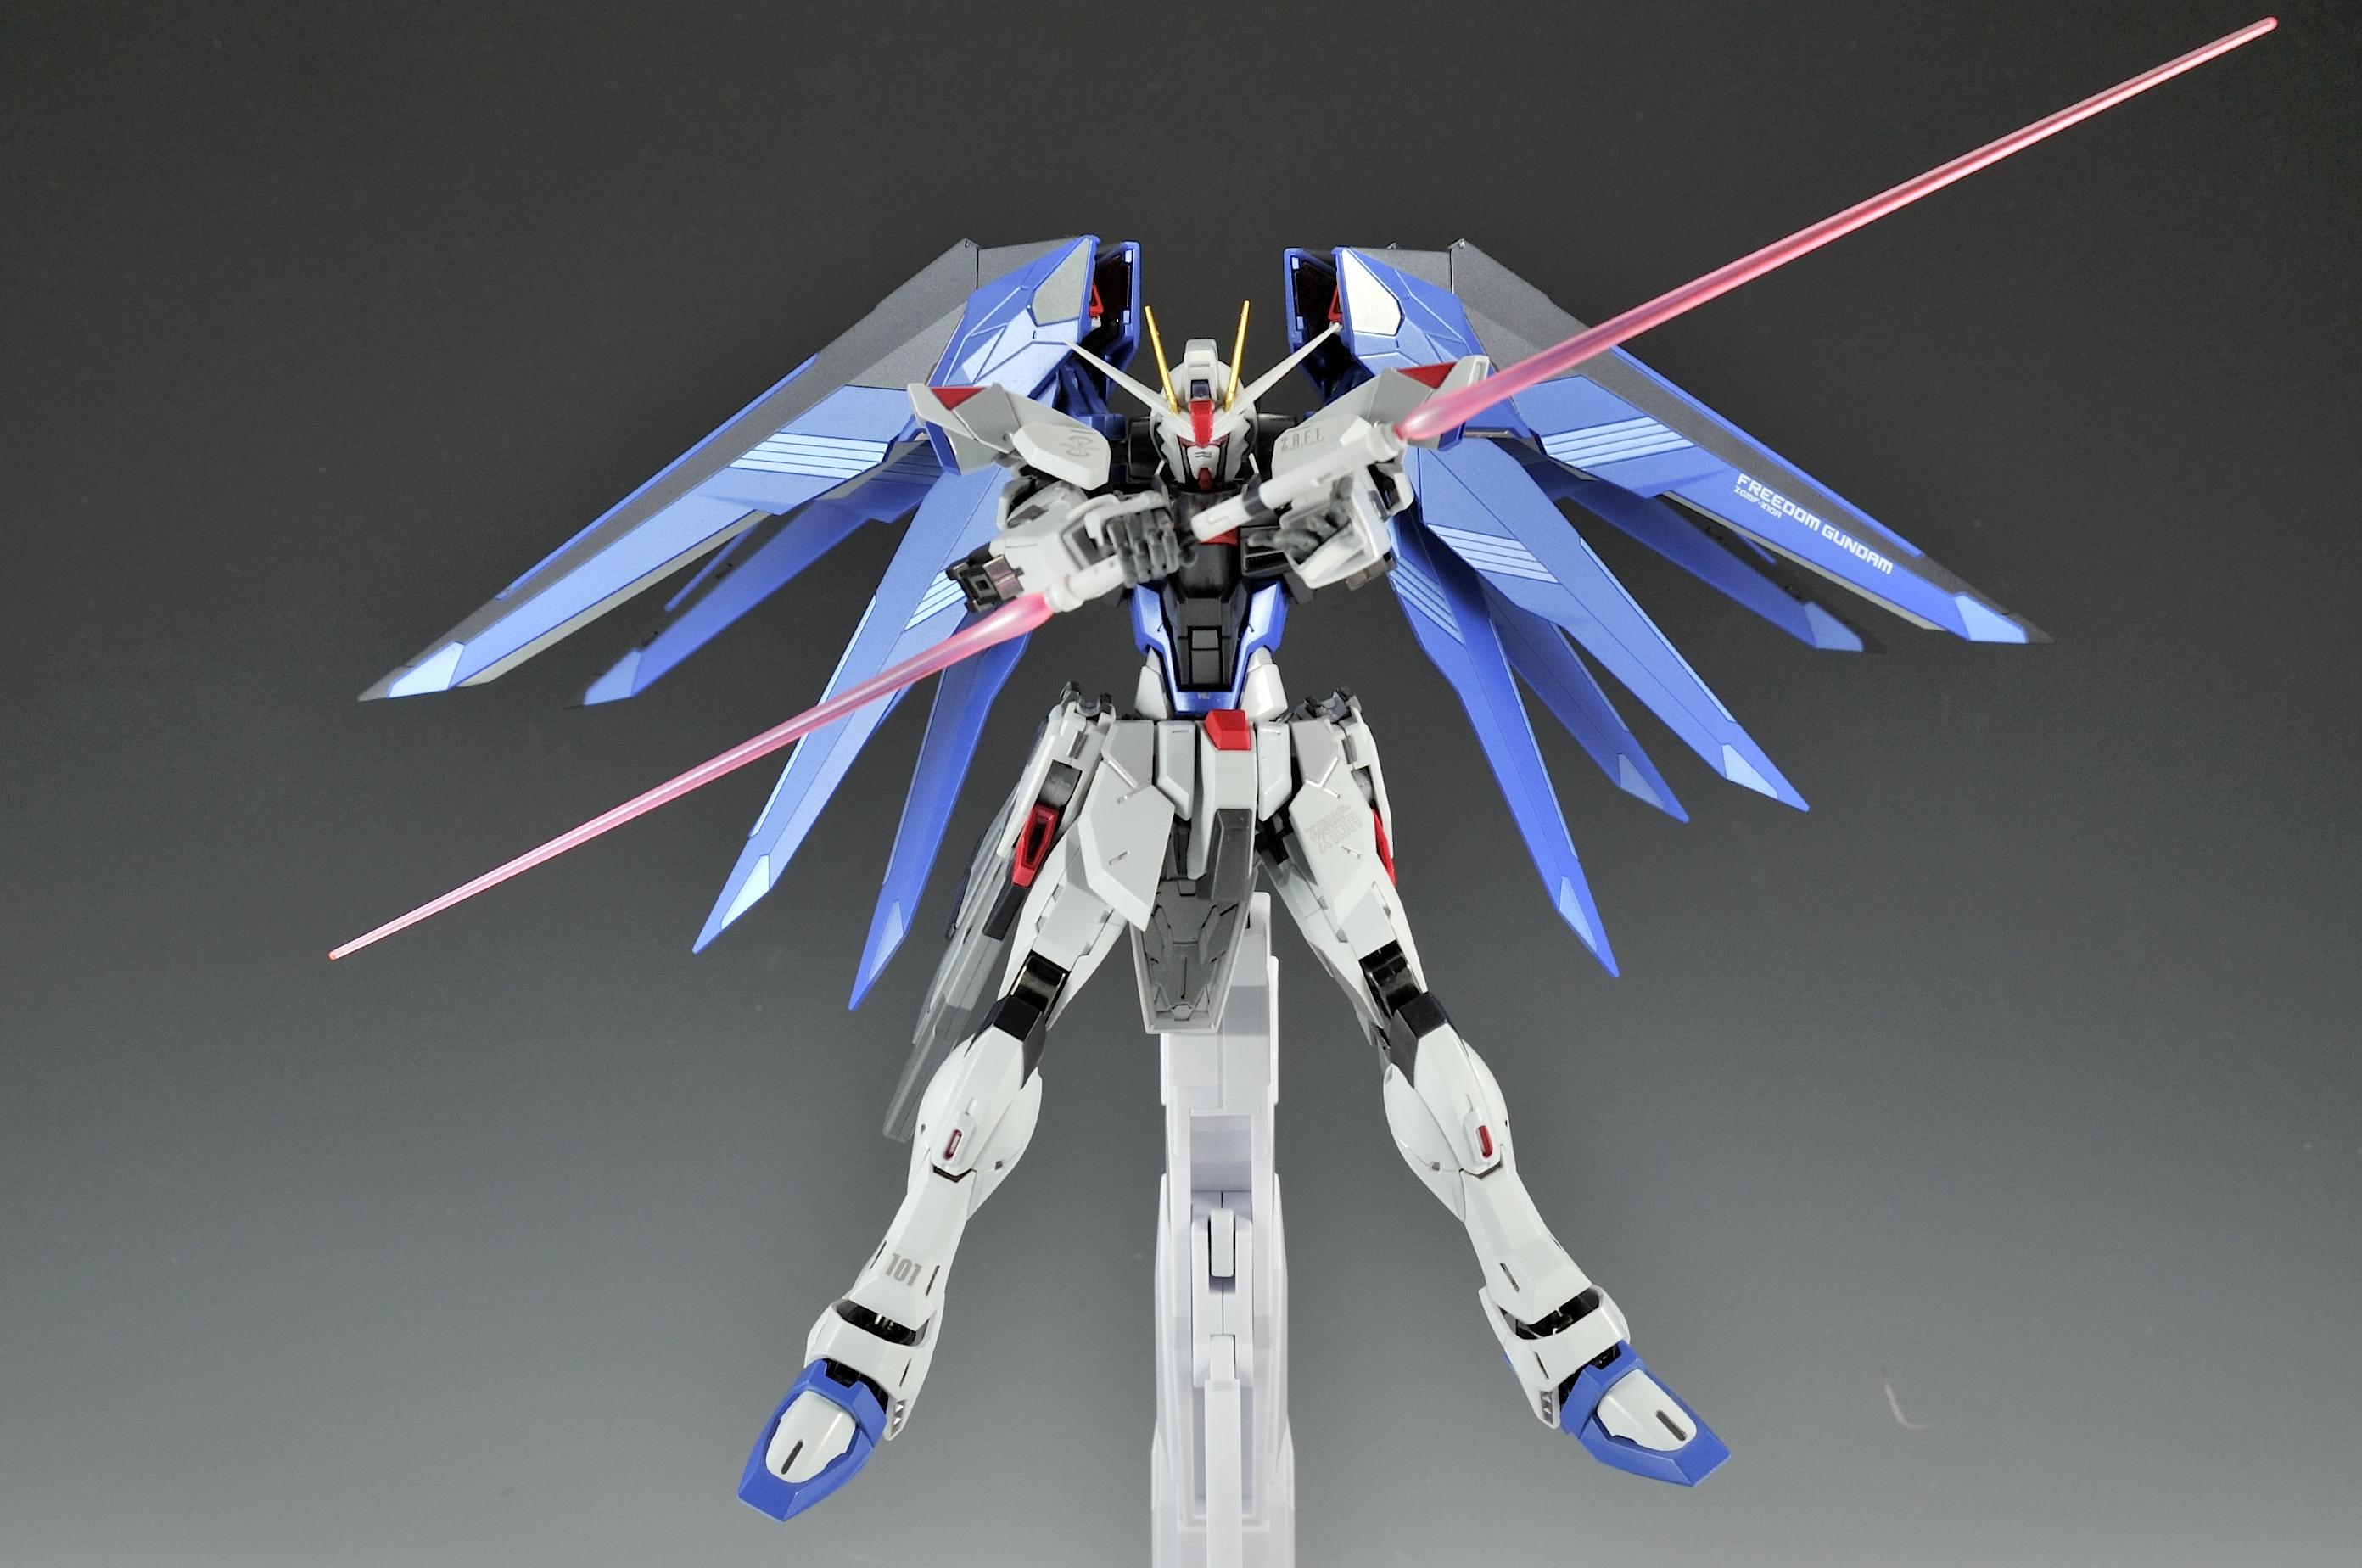 Review Metal Build Freedom Gundam Big Wallpaper Size Images GUNJAP 2784x1848